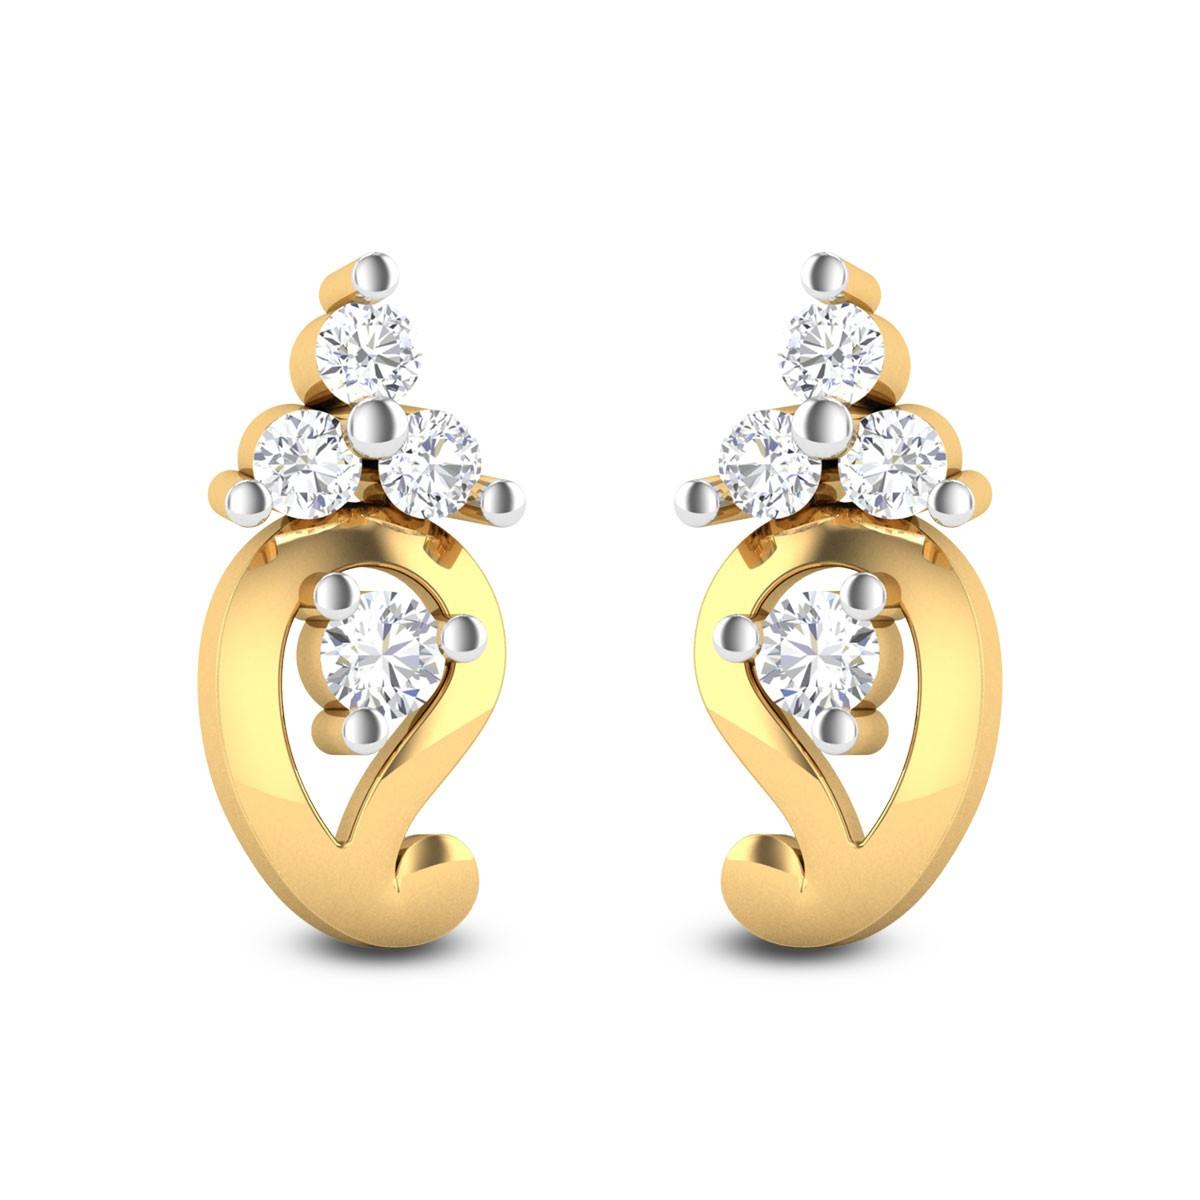 Three Stone Paisley Diamond Stud Earrings